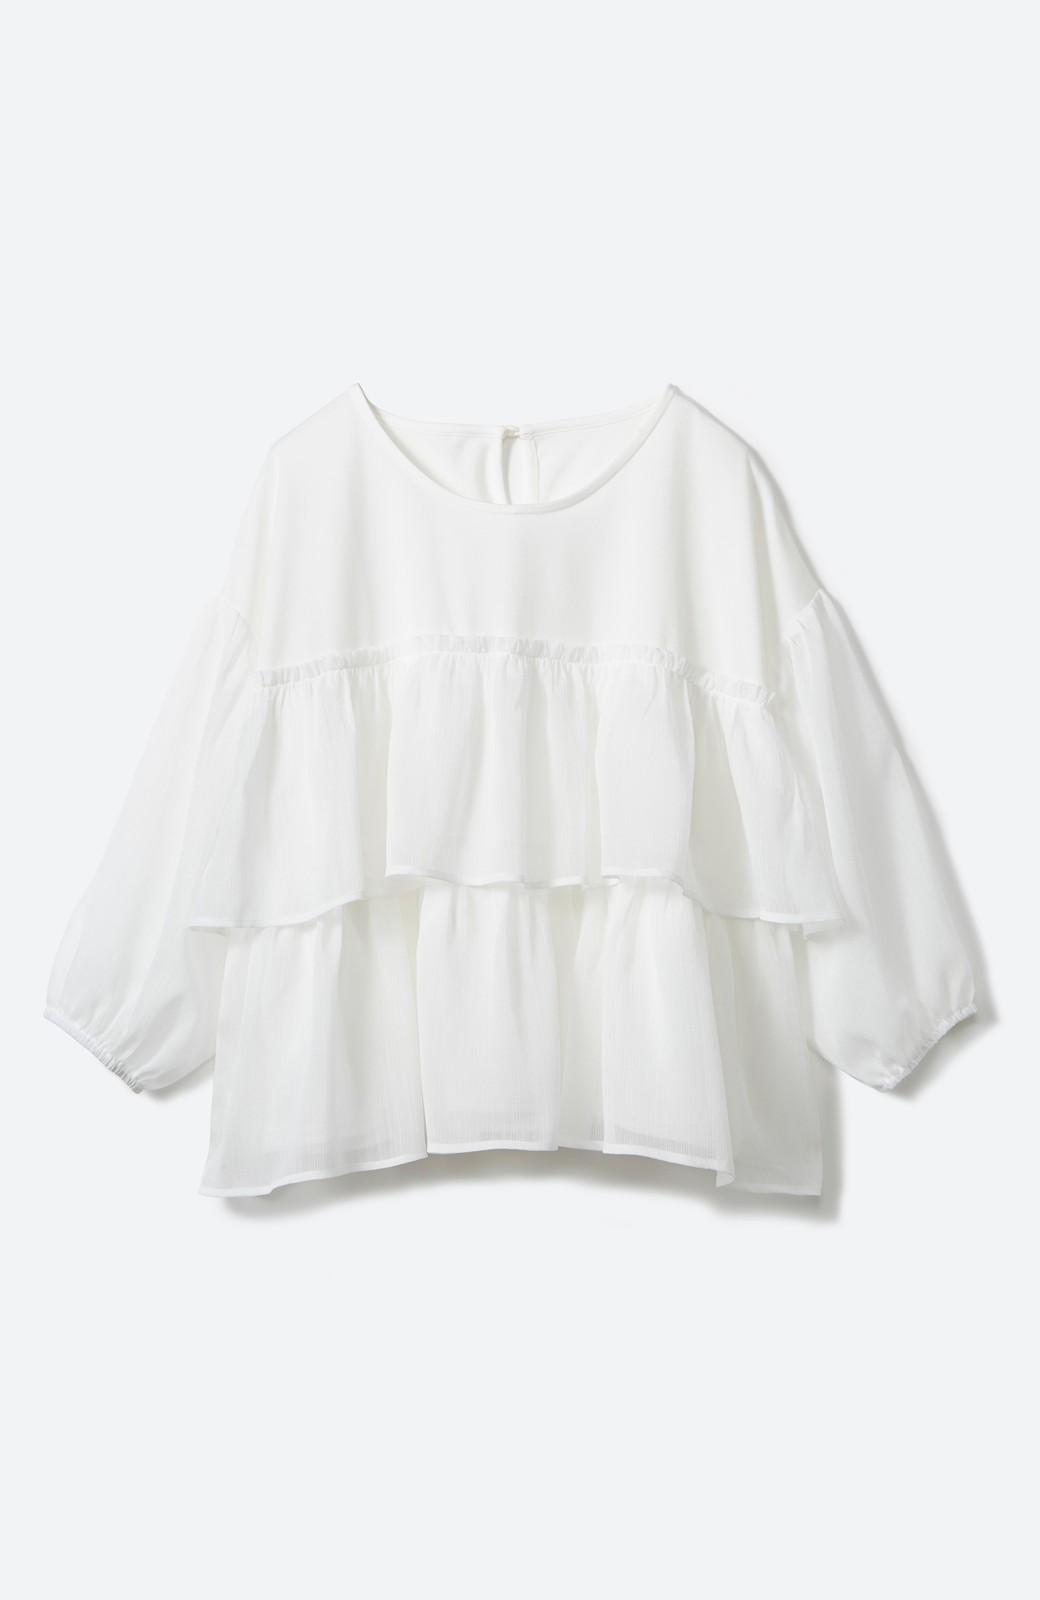 エムトロワ さらっと着られて女子気分があがる 異素材づかいのフリルトップス <ホワイト>の商品写真2